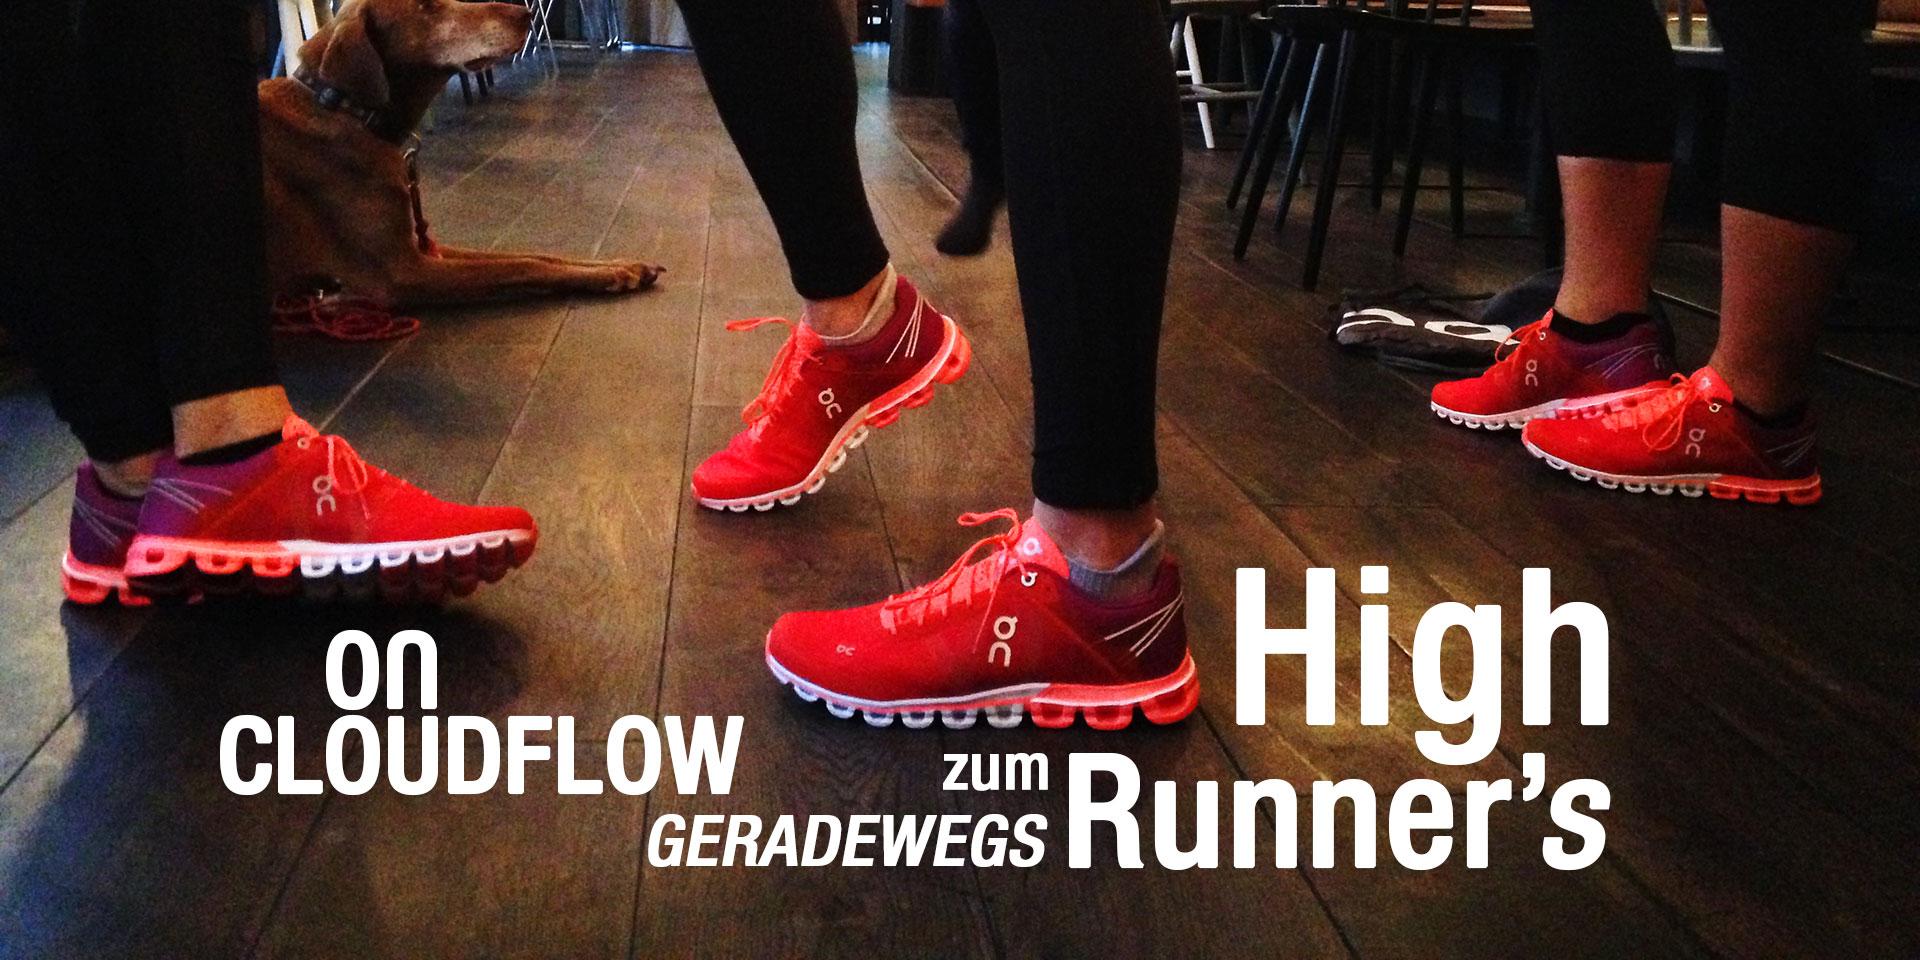 ON CLOUDFLOW Geradewegs zum Runner's High / ON CLOUDFLOW Geradewegs zum Runner's High / Für den Herbst / Winter 2016 und hat ON Running seinen neu entwickelten Cloudflow für lange Dauerläufe vorgestellt: Fast zu Schade zum Laufen!